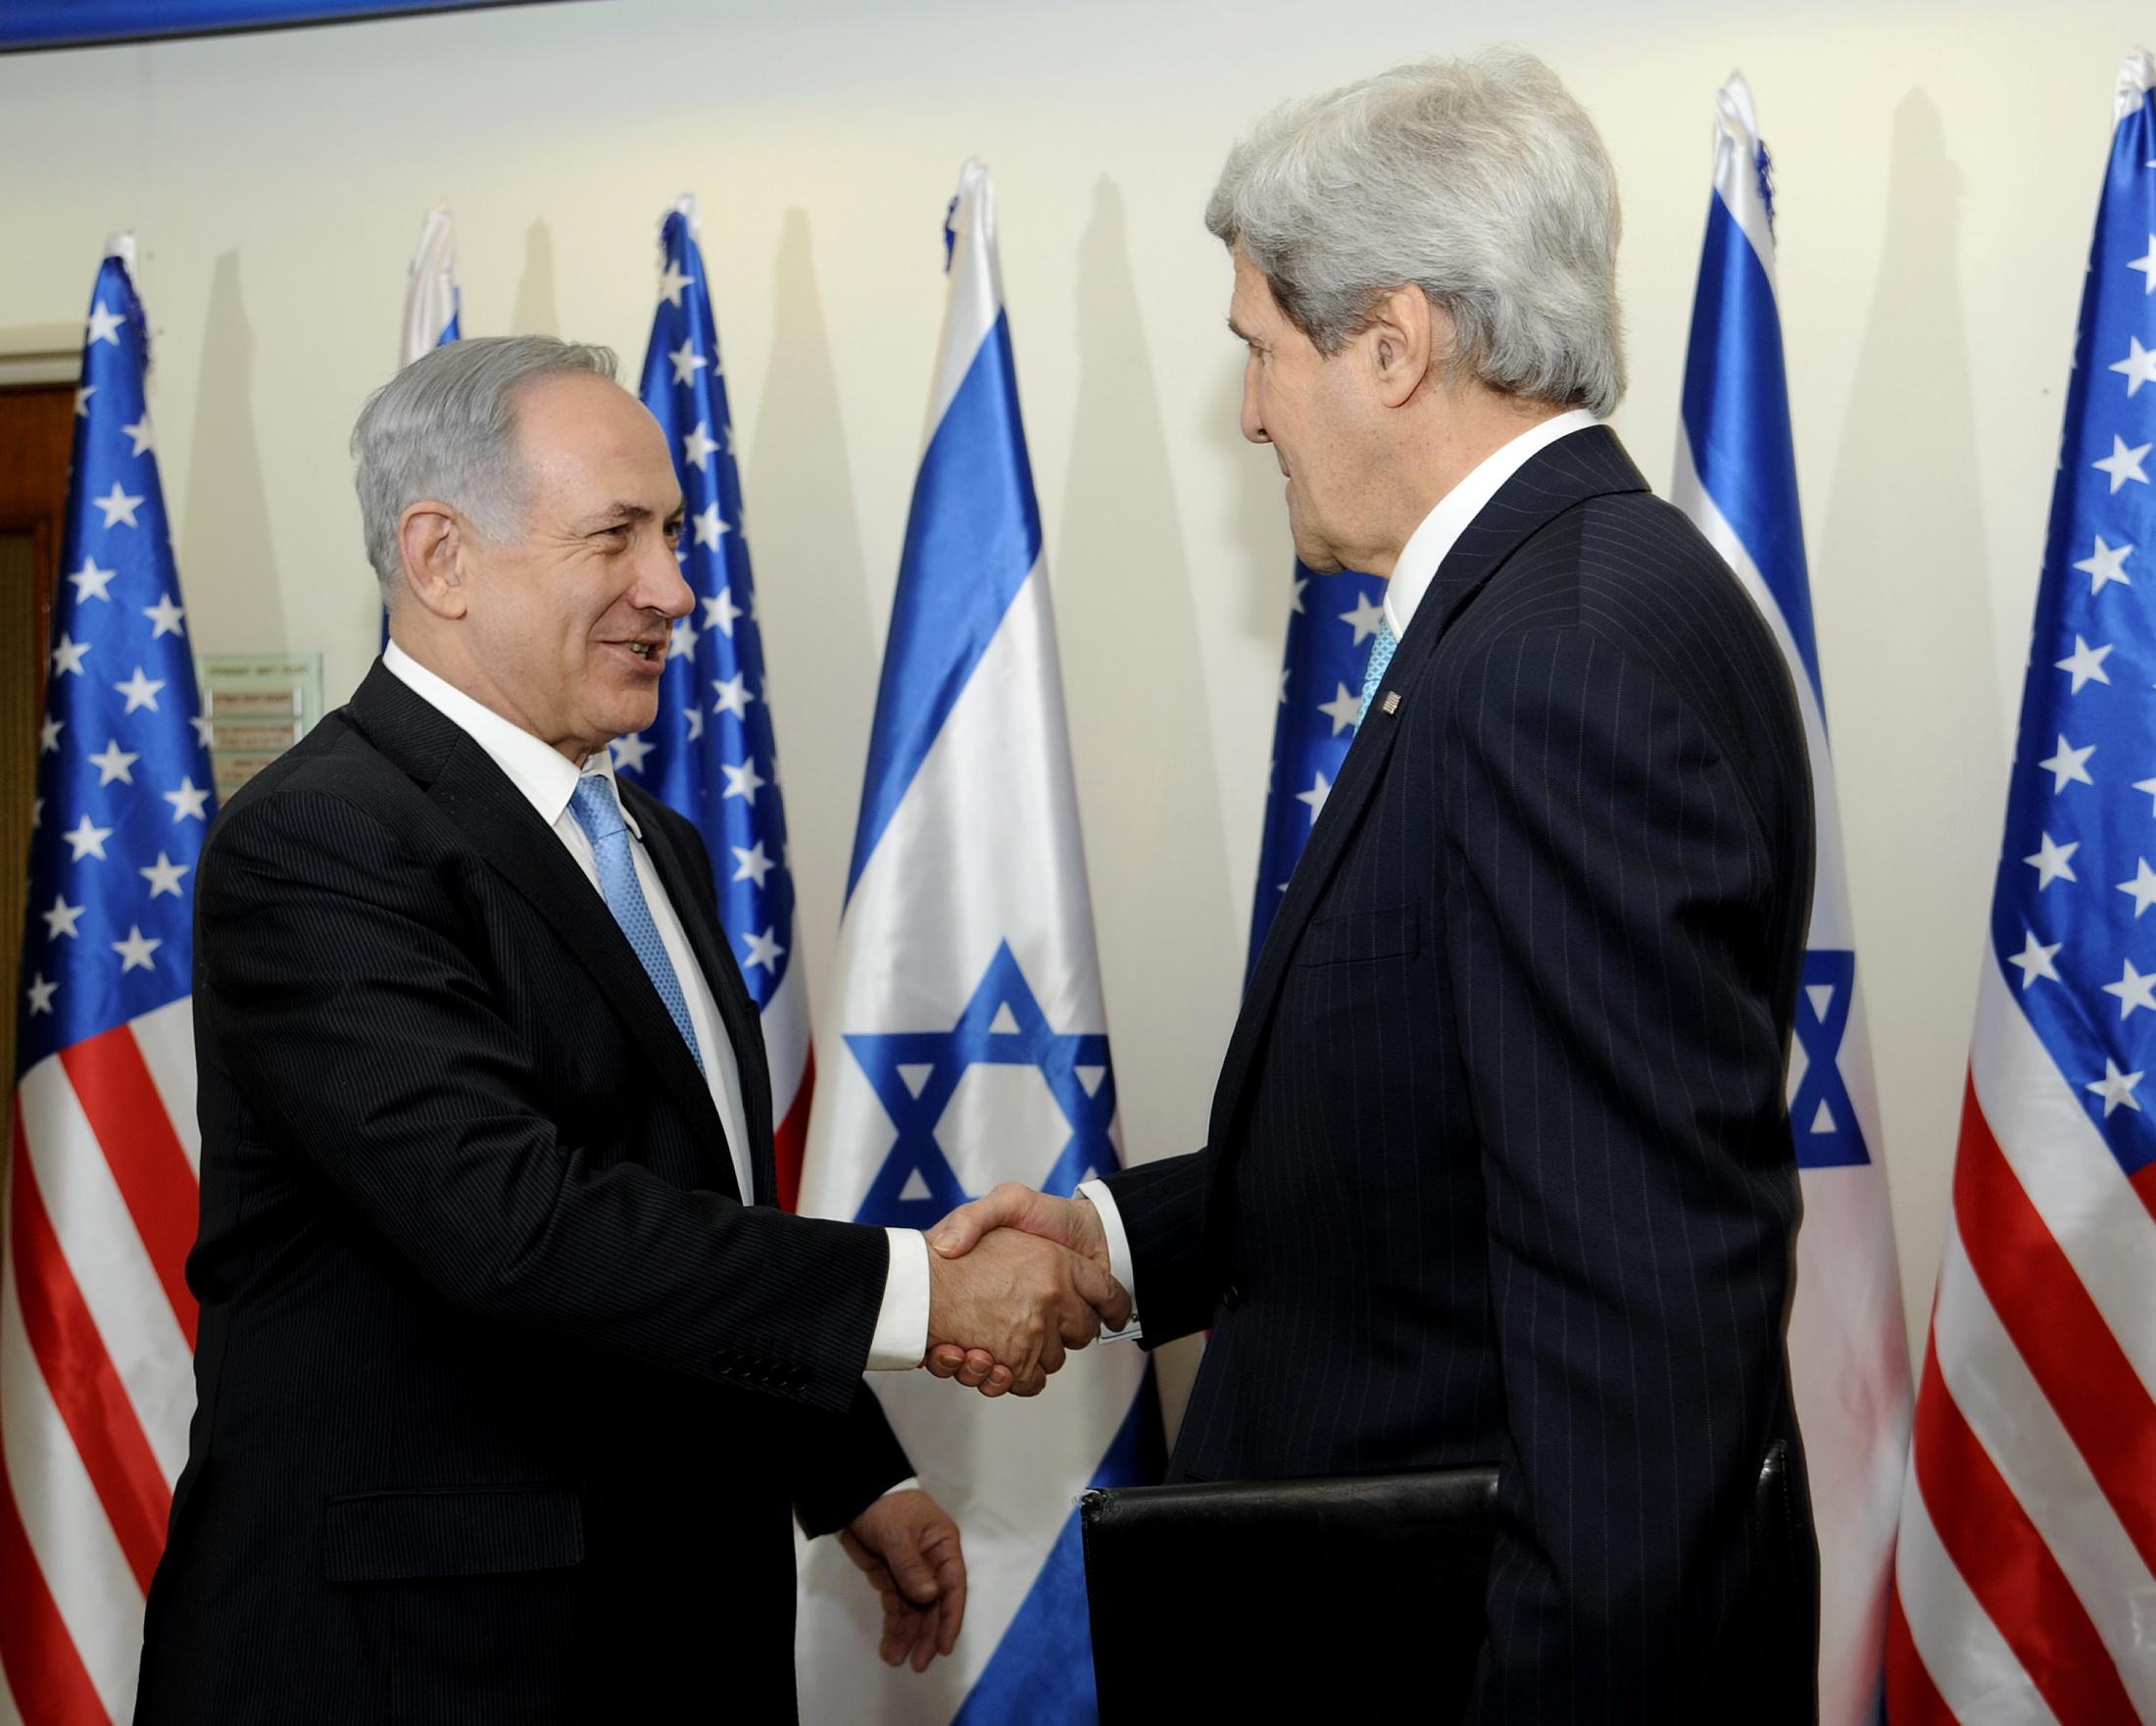 مسؤولون أمريكيون: الولايات المتحدة استنفذت جهودها وعلى الطرفين إيجاد مخرج